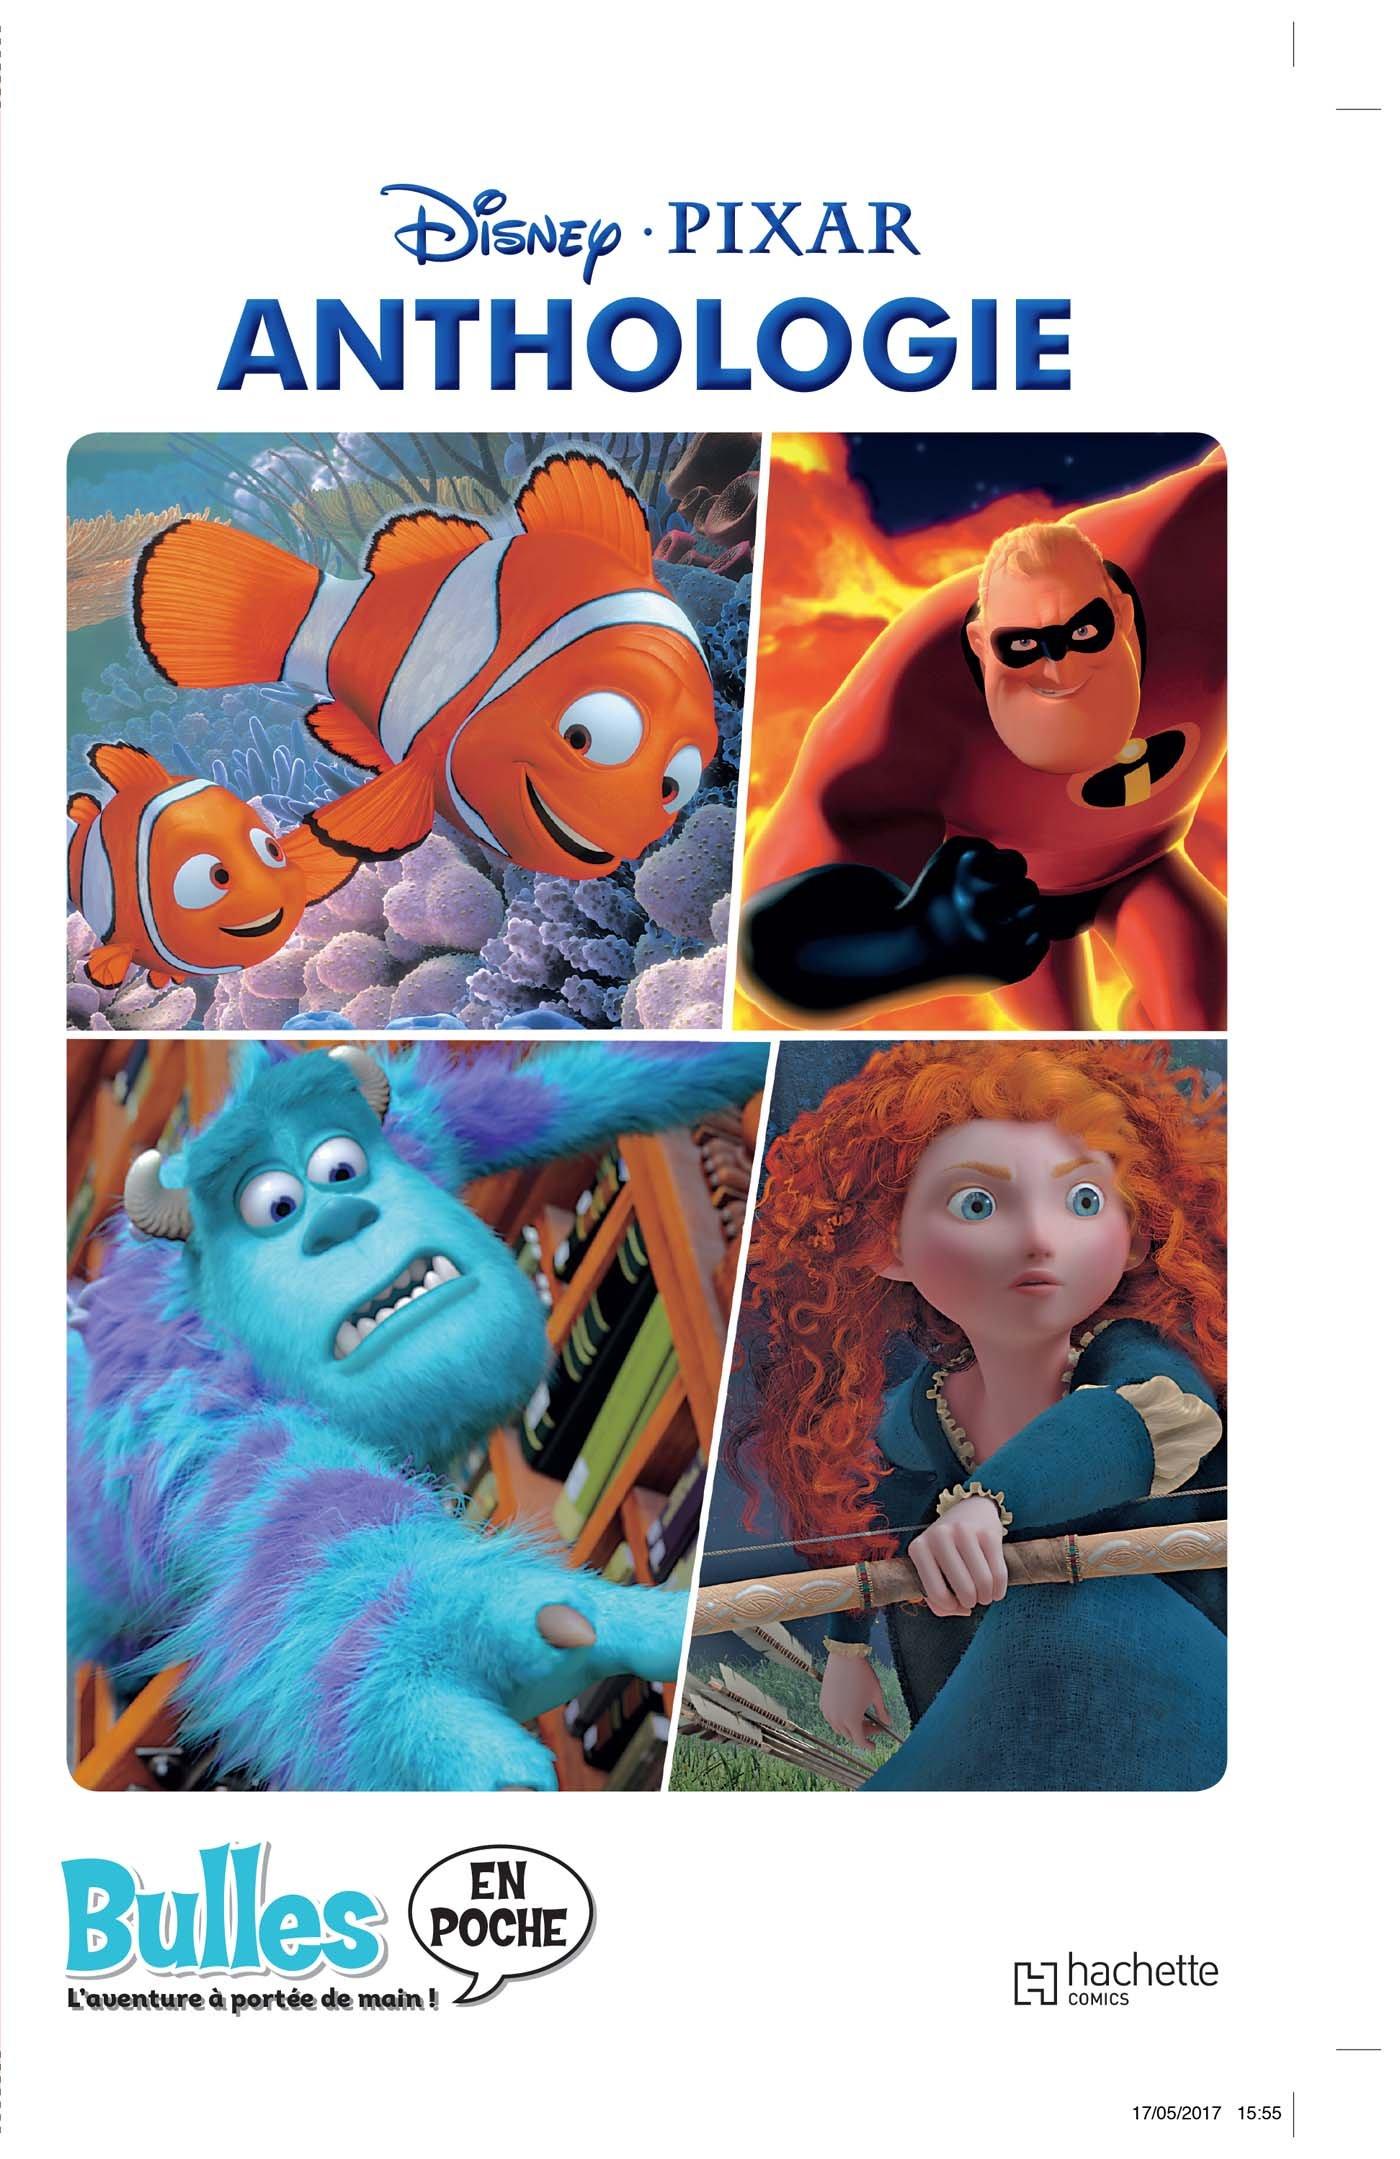 pixar anthologie bulles poche disney album bande dessinée hachette